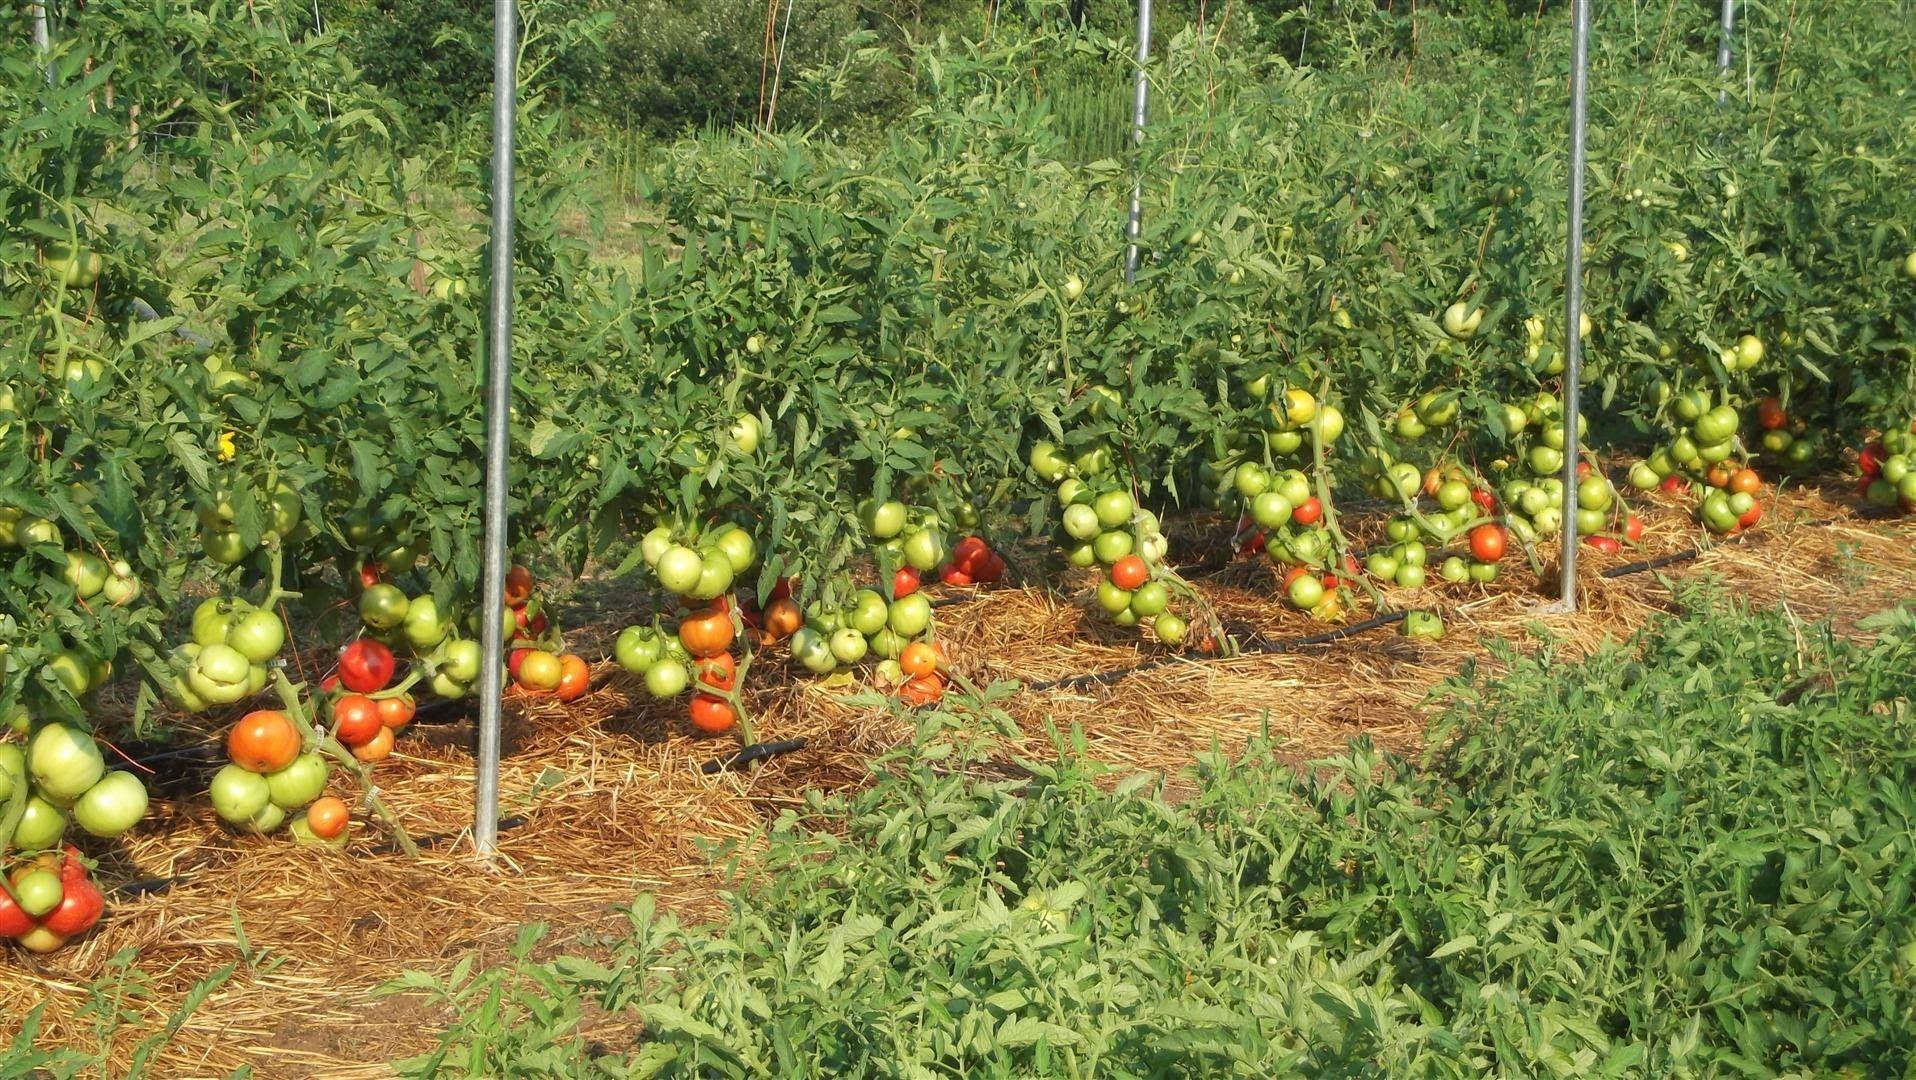 Сыворотка и йод для помидор